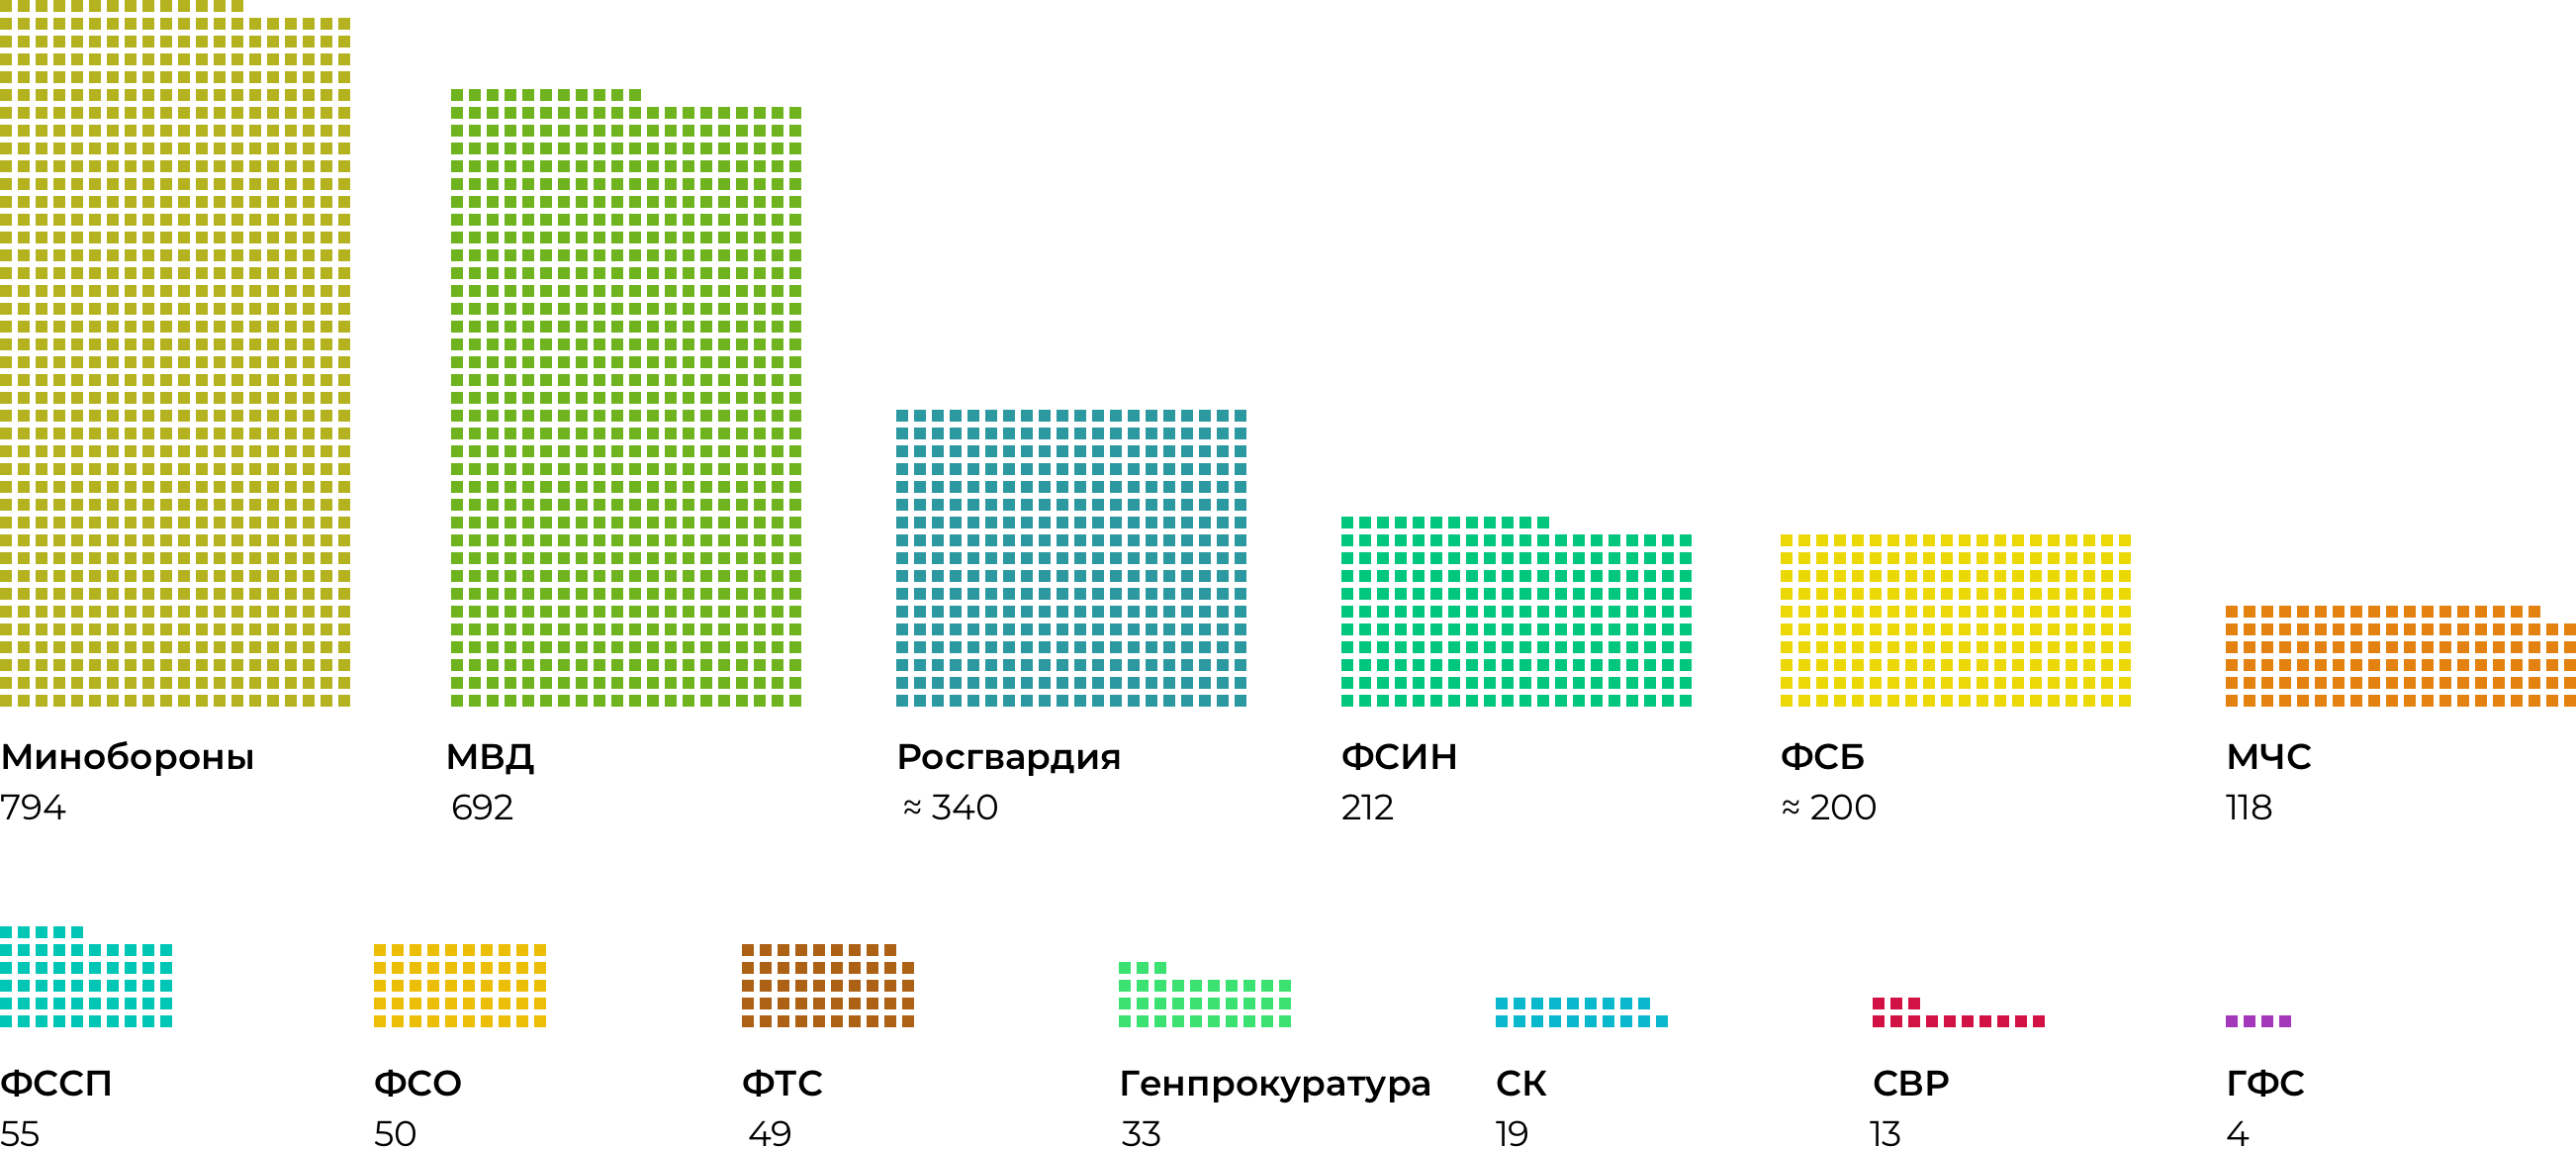 Инфографика: сколько всего силовиков, 2018. ВРоссии 2,6млн сотрудников силовых ведомств